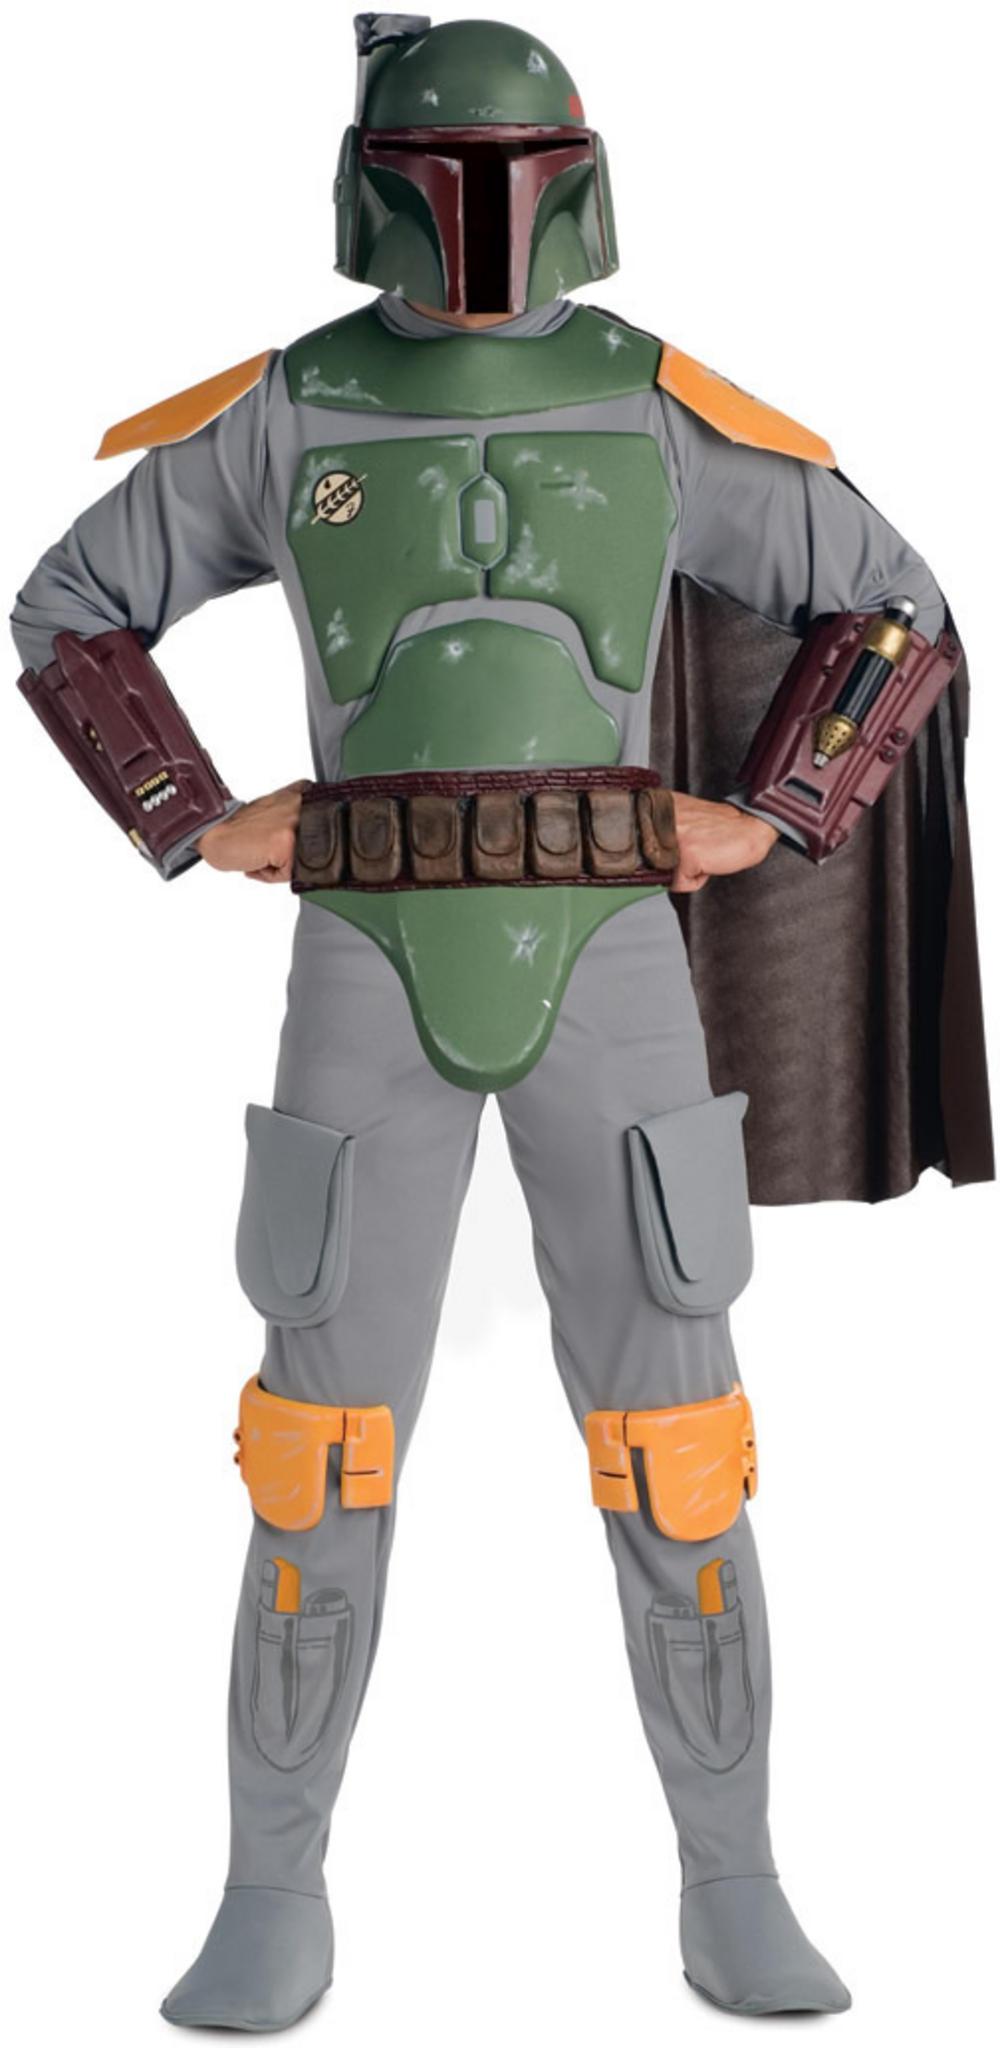 Star Wars Deluxe Boba Fett Costume